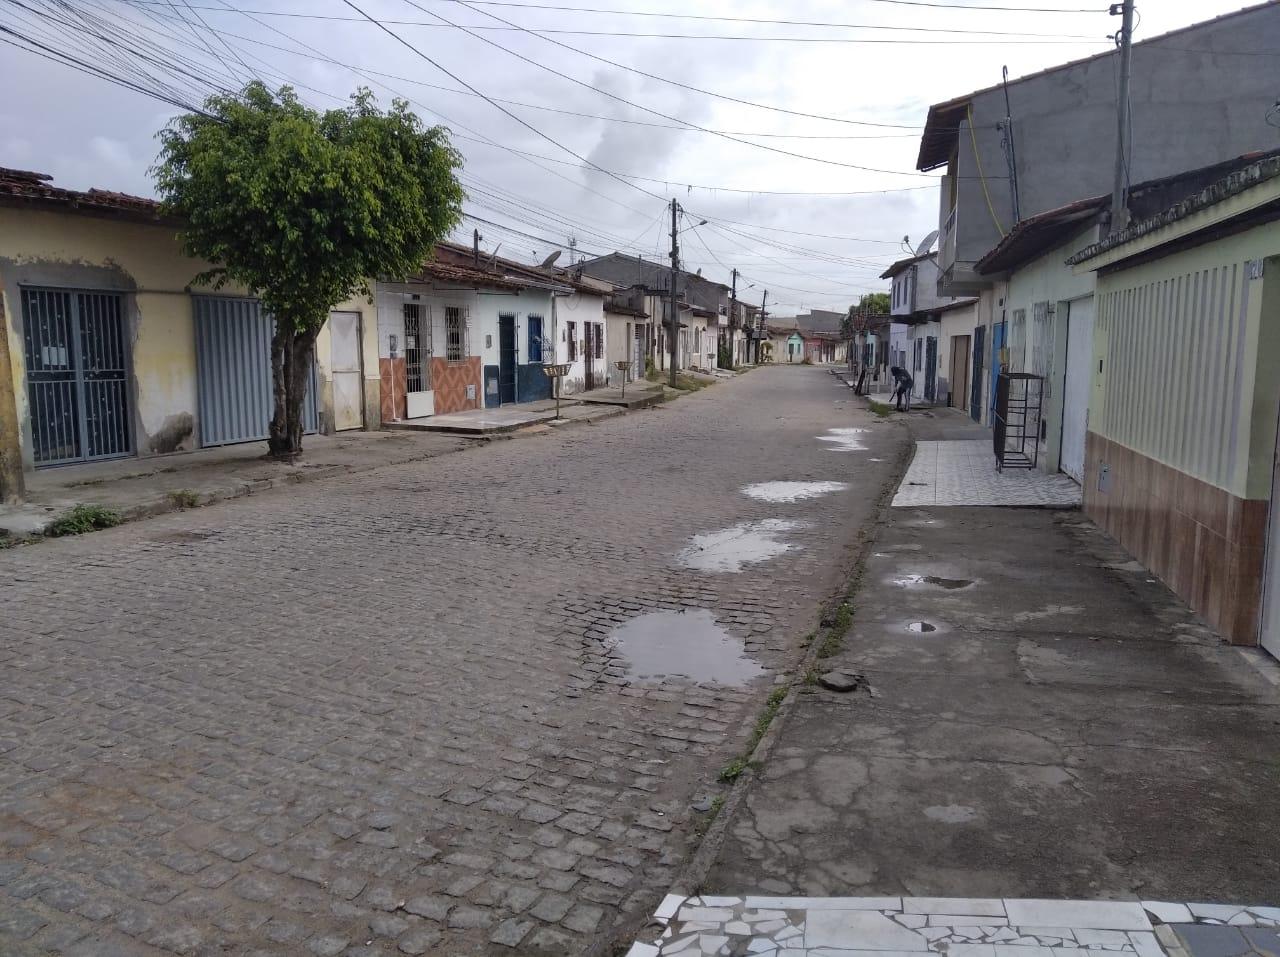 Rua que ainda tem algumas casas bem antigas